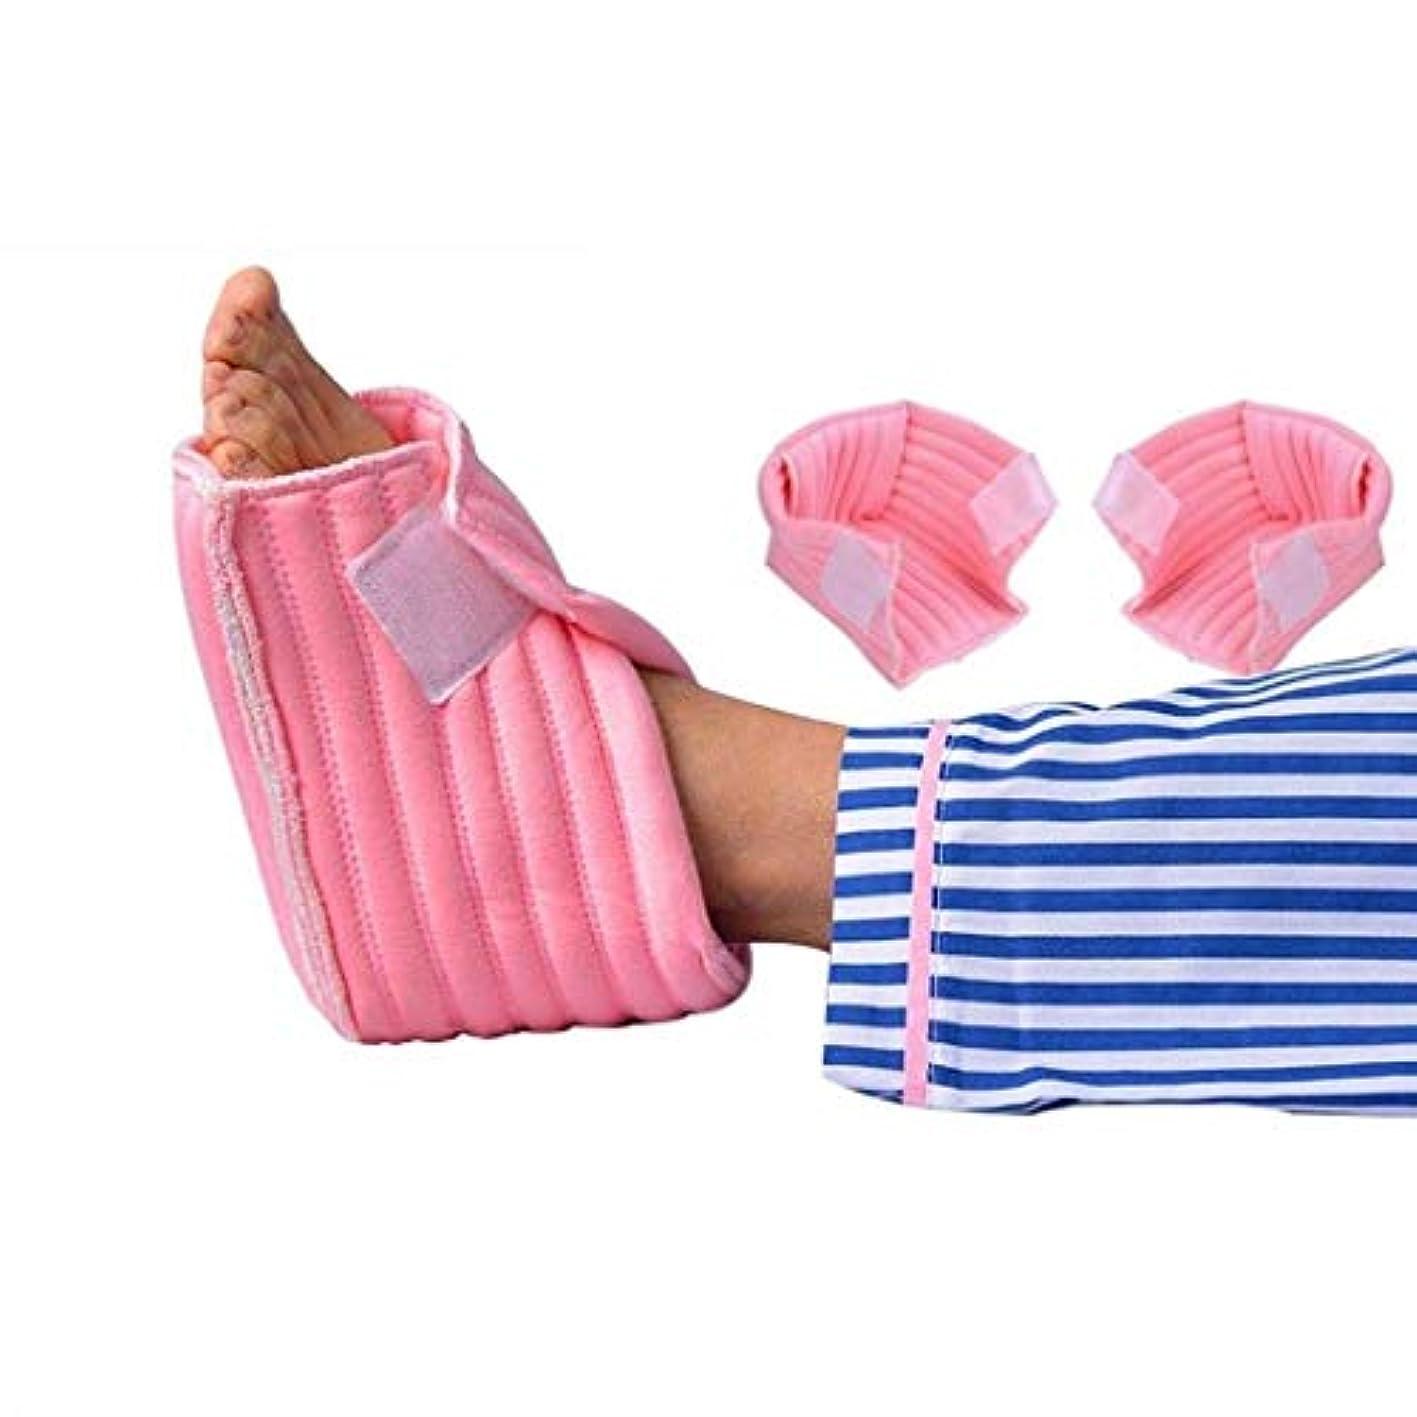 相手疑わしい個人TONGSH かかとの枕-ウィッキング生地-ピンク-潰瘍の予防、足/かかとへの圧力を軽減 (Size : 1pcs)